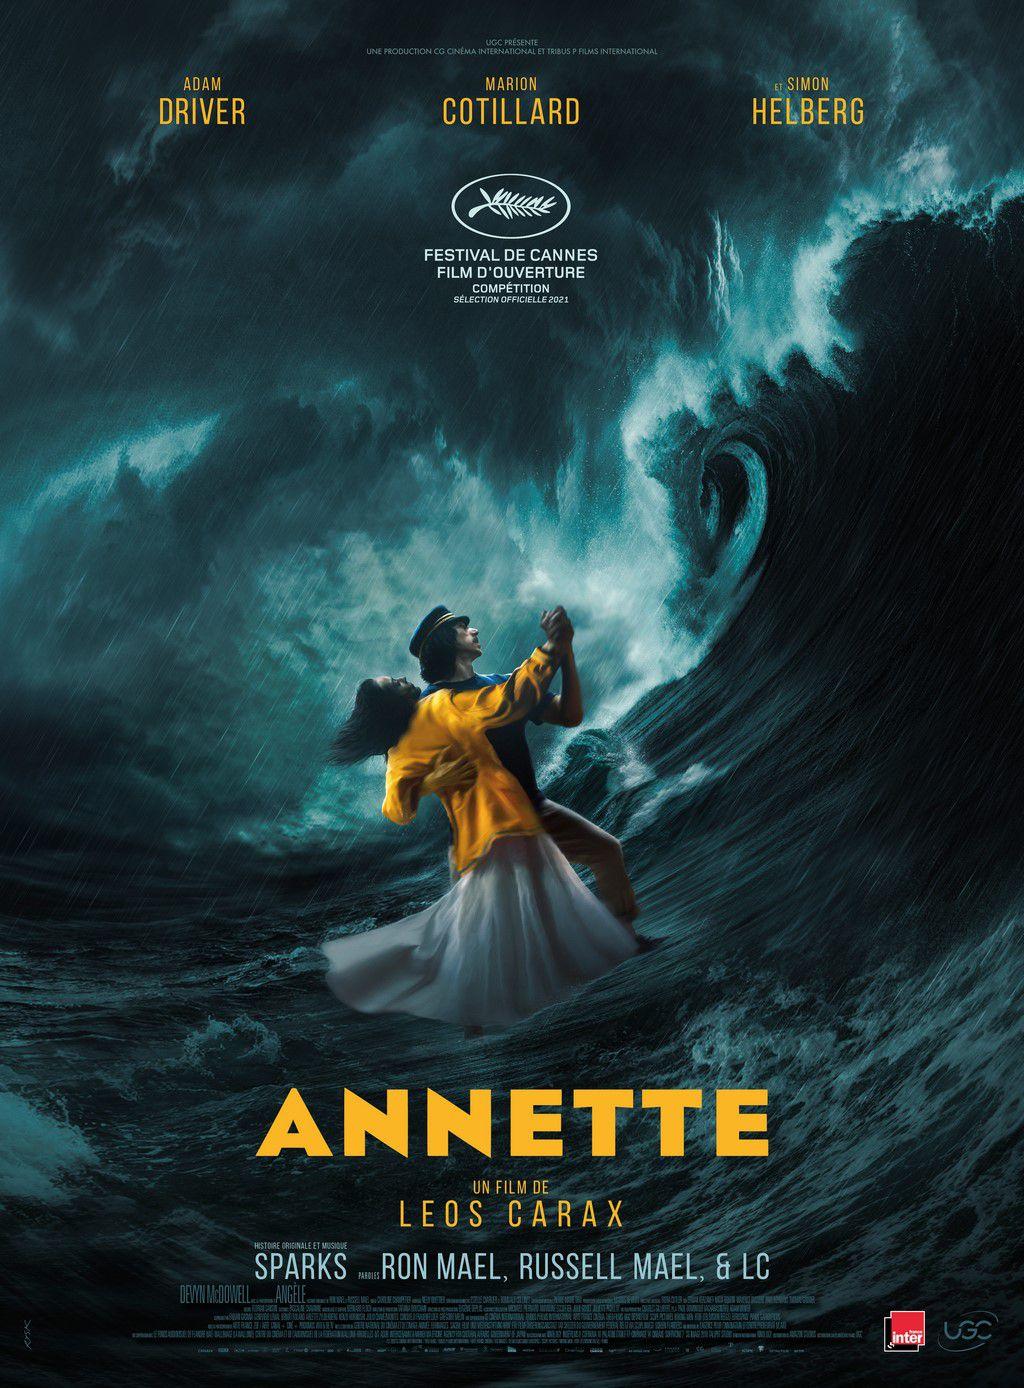 ANNETTE, avec Adam Driver et Marion Cotillard, en Ouverture de la Compétition de la Sélection officielle 2021 du Festival de Cannes